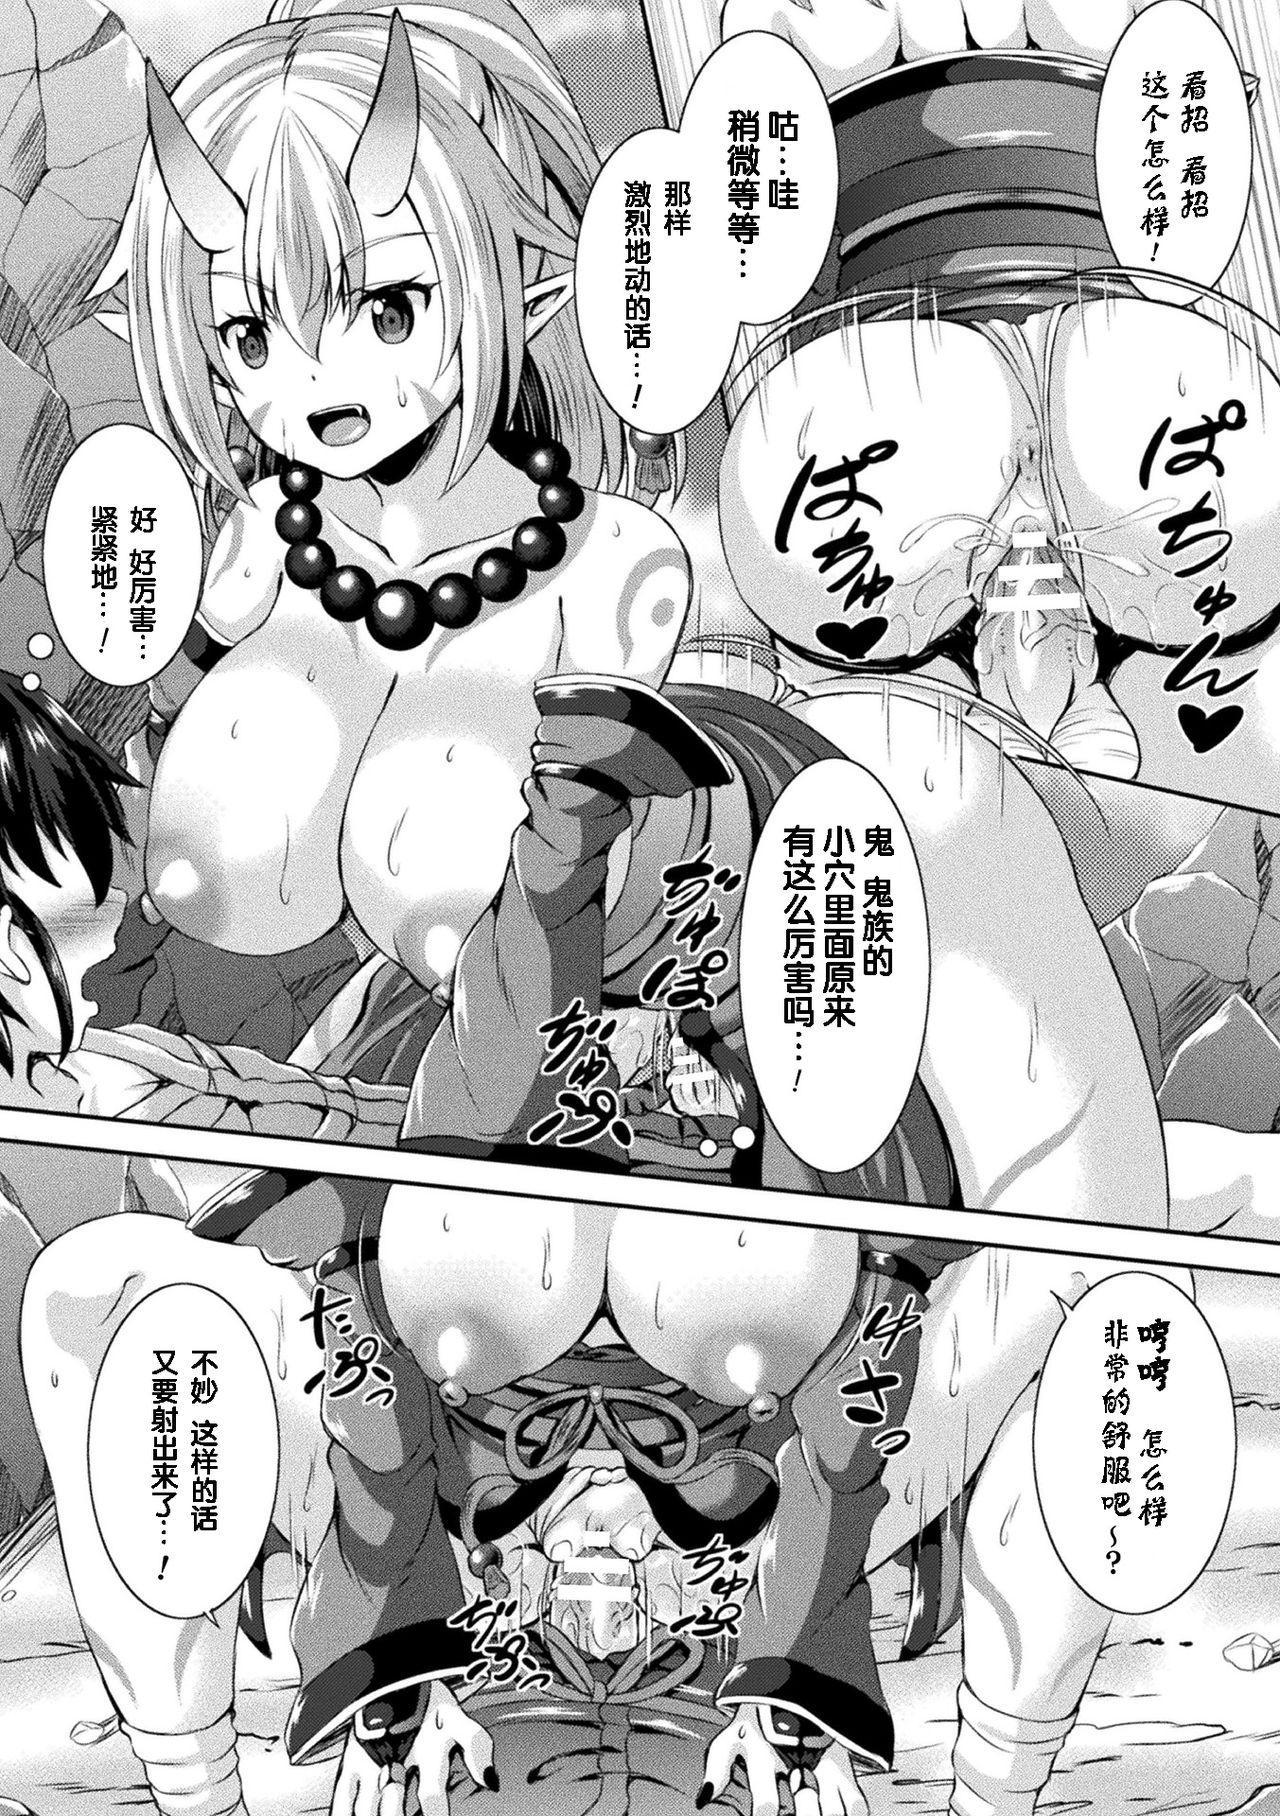 [Anthology] Bessatsu Comic Unreal Ponkotsu Fantasy Heroine H ~Doji o Funde Gyakuten Saretari Ero Trap ni Hamattari!?~ Vol. 1 [Chinese] [风油精汉化组] [Digital] 55